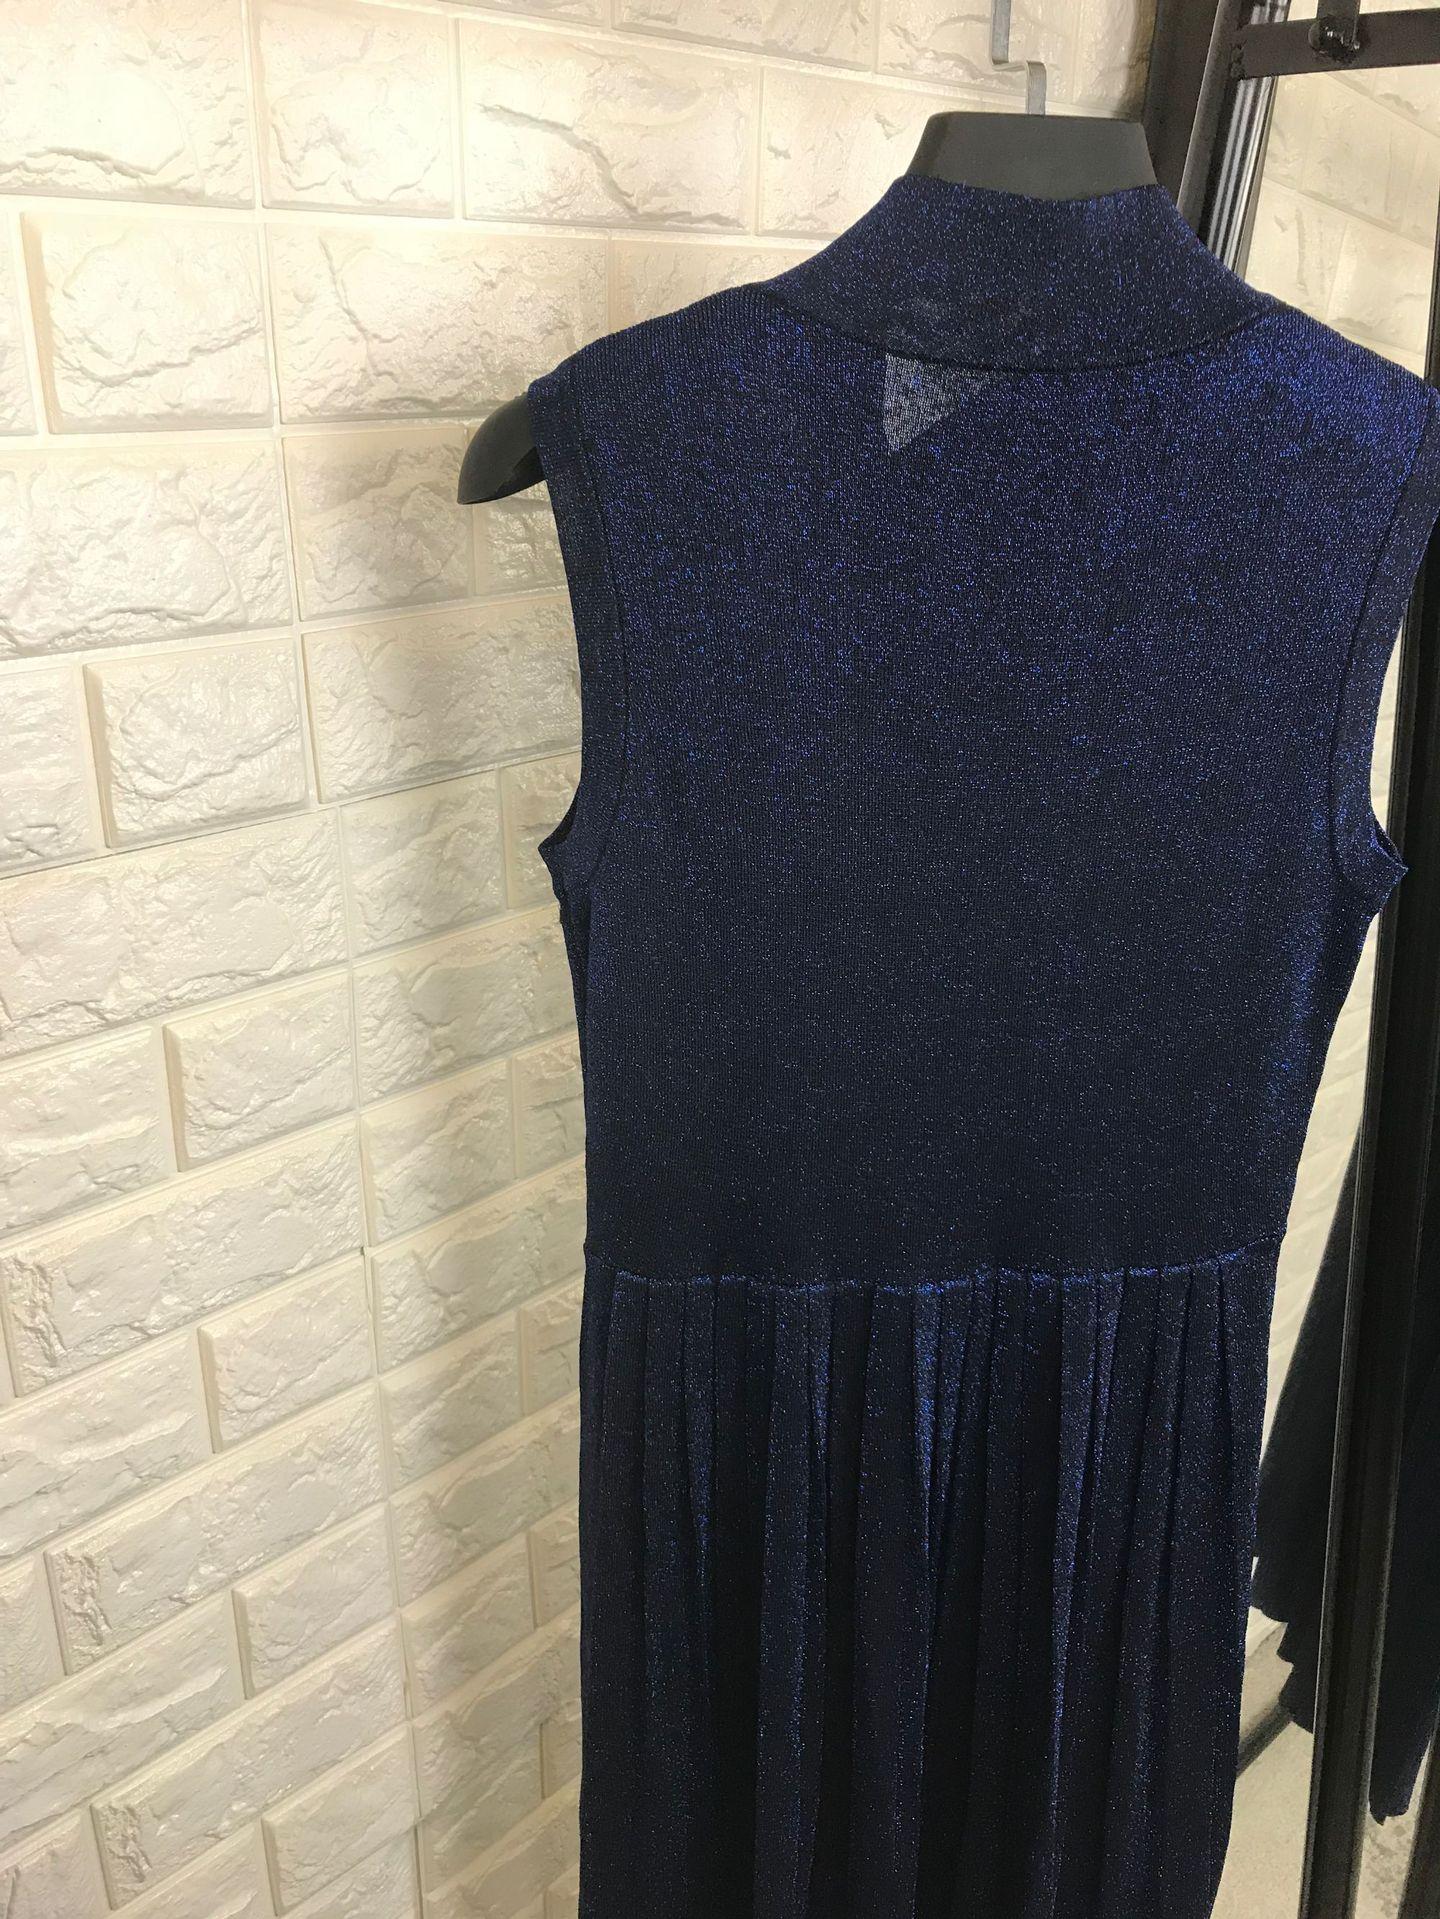 Élégant 2018 Nouvelle Noir Sans Gris Arc Automne Lurex Pull Hiver Manches Habille En Plissée Mode Blue La gris Tricot noir De Femmes Robe Bleu Col CtqFa